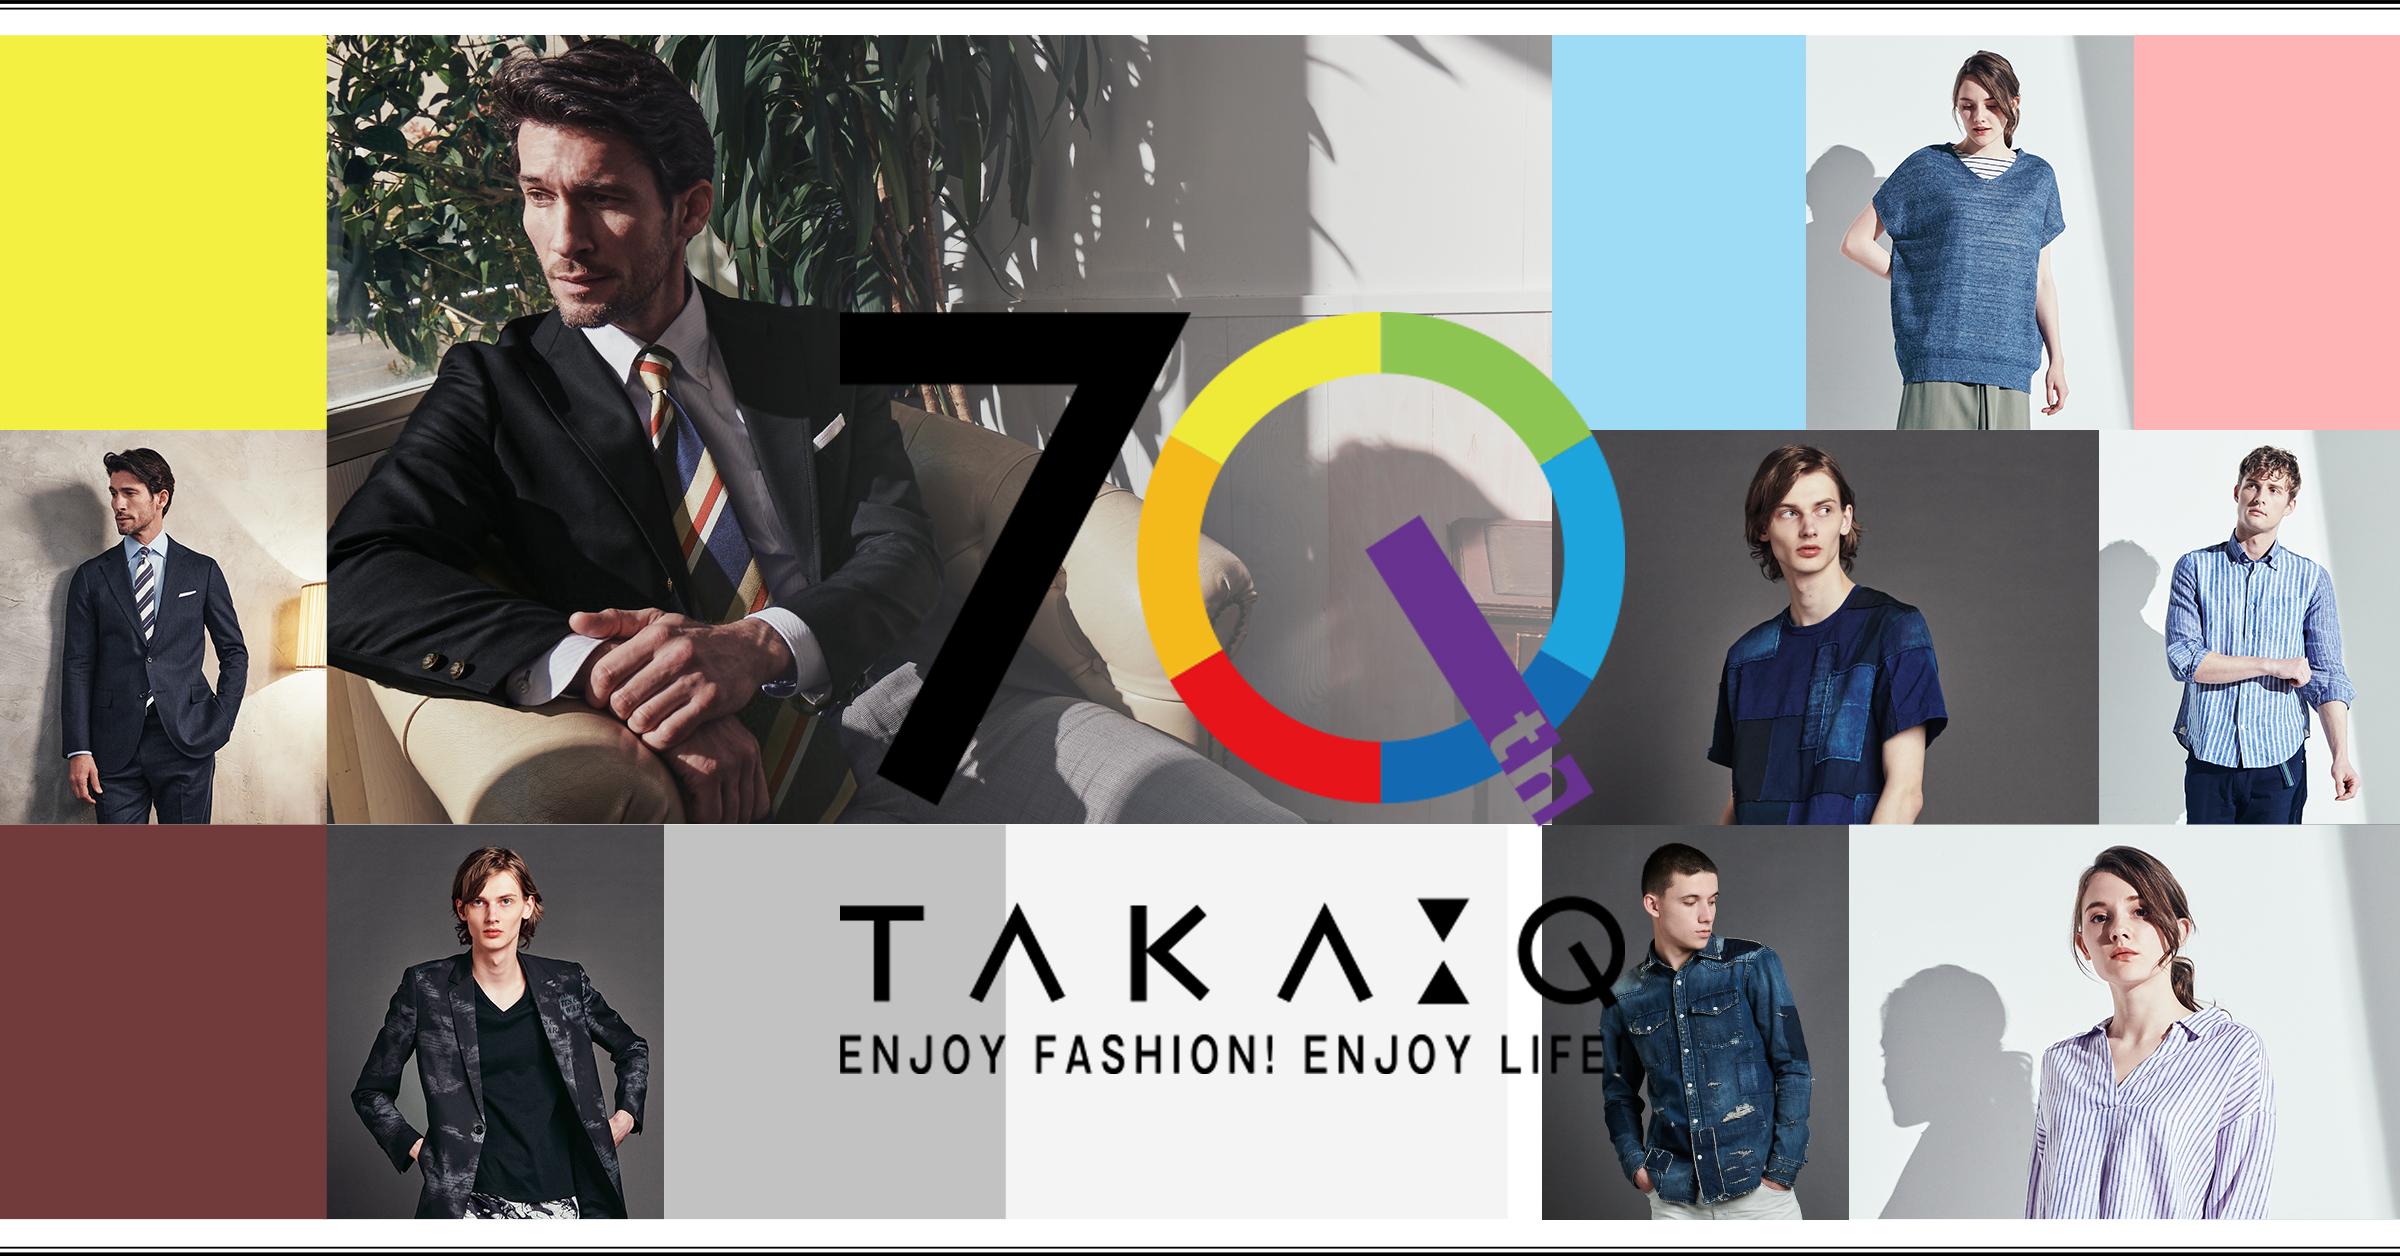 タカキュー創業70周年記念サイト